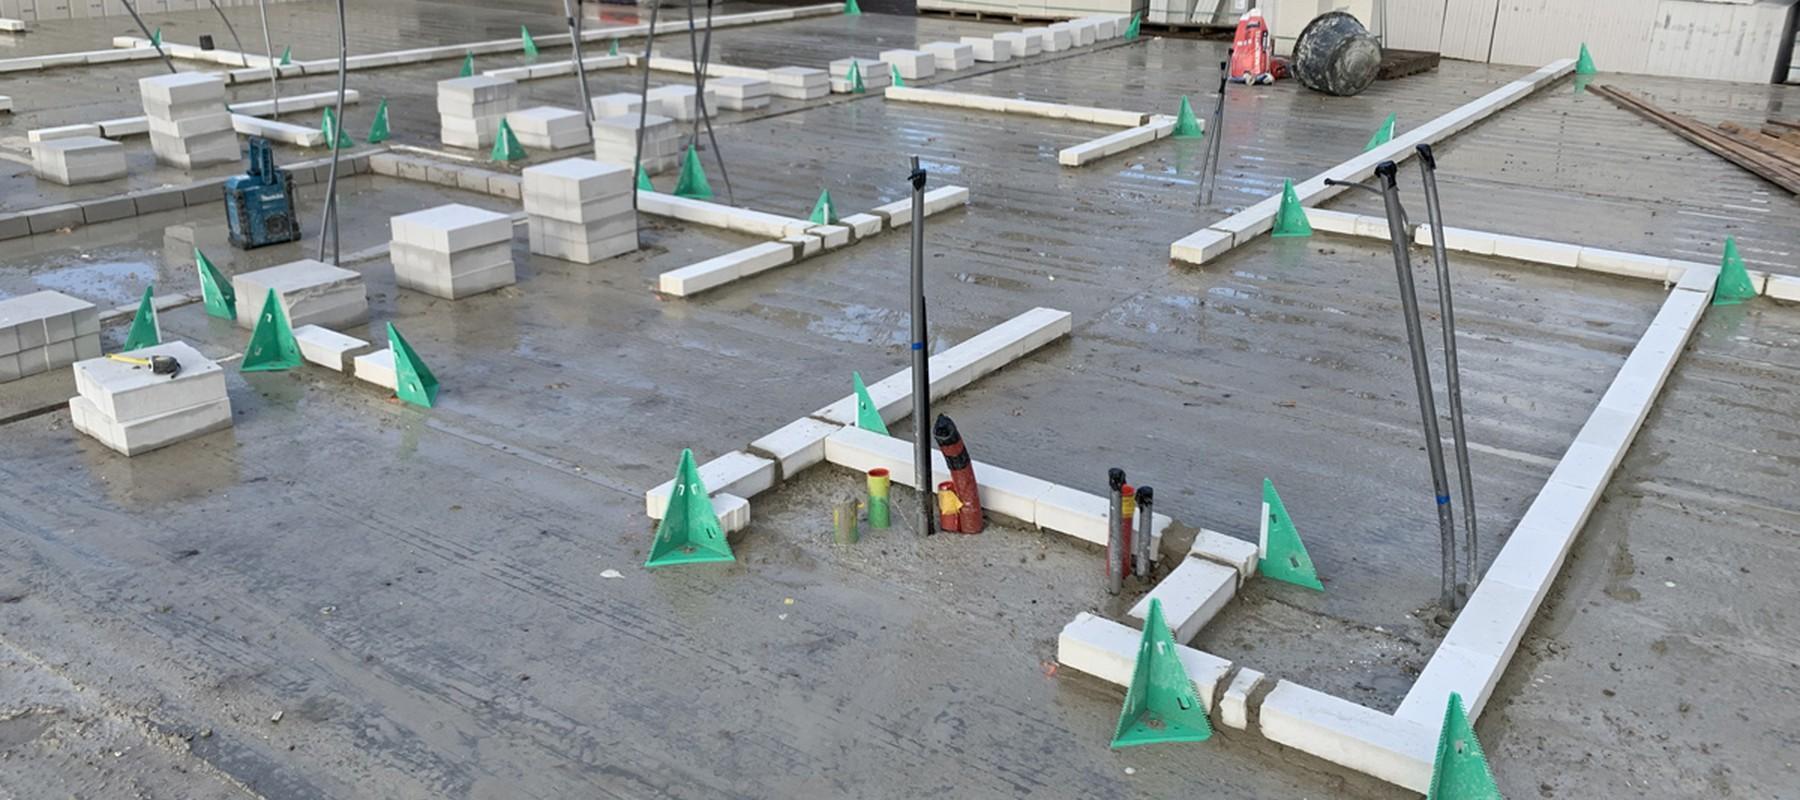 Kalkzandsteen kimmen: met de juiste hulpmiddelen nauwkeurig én snel werken